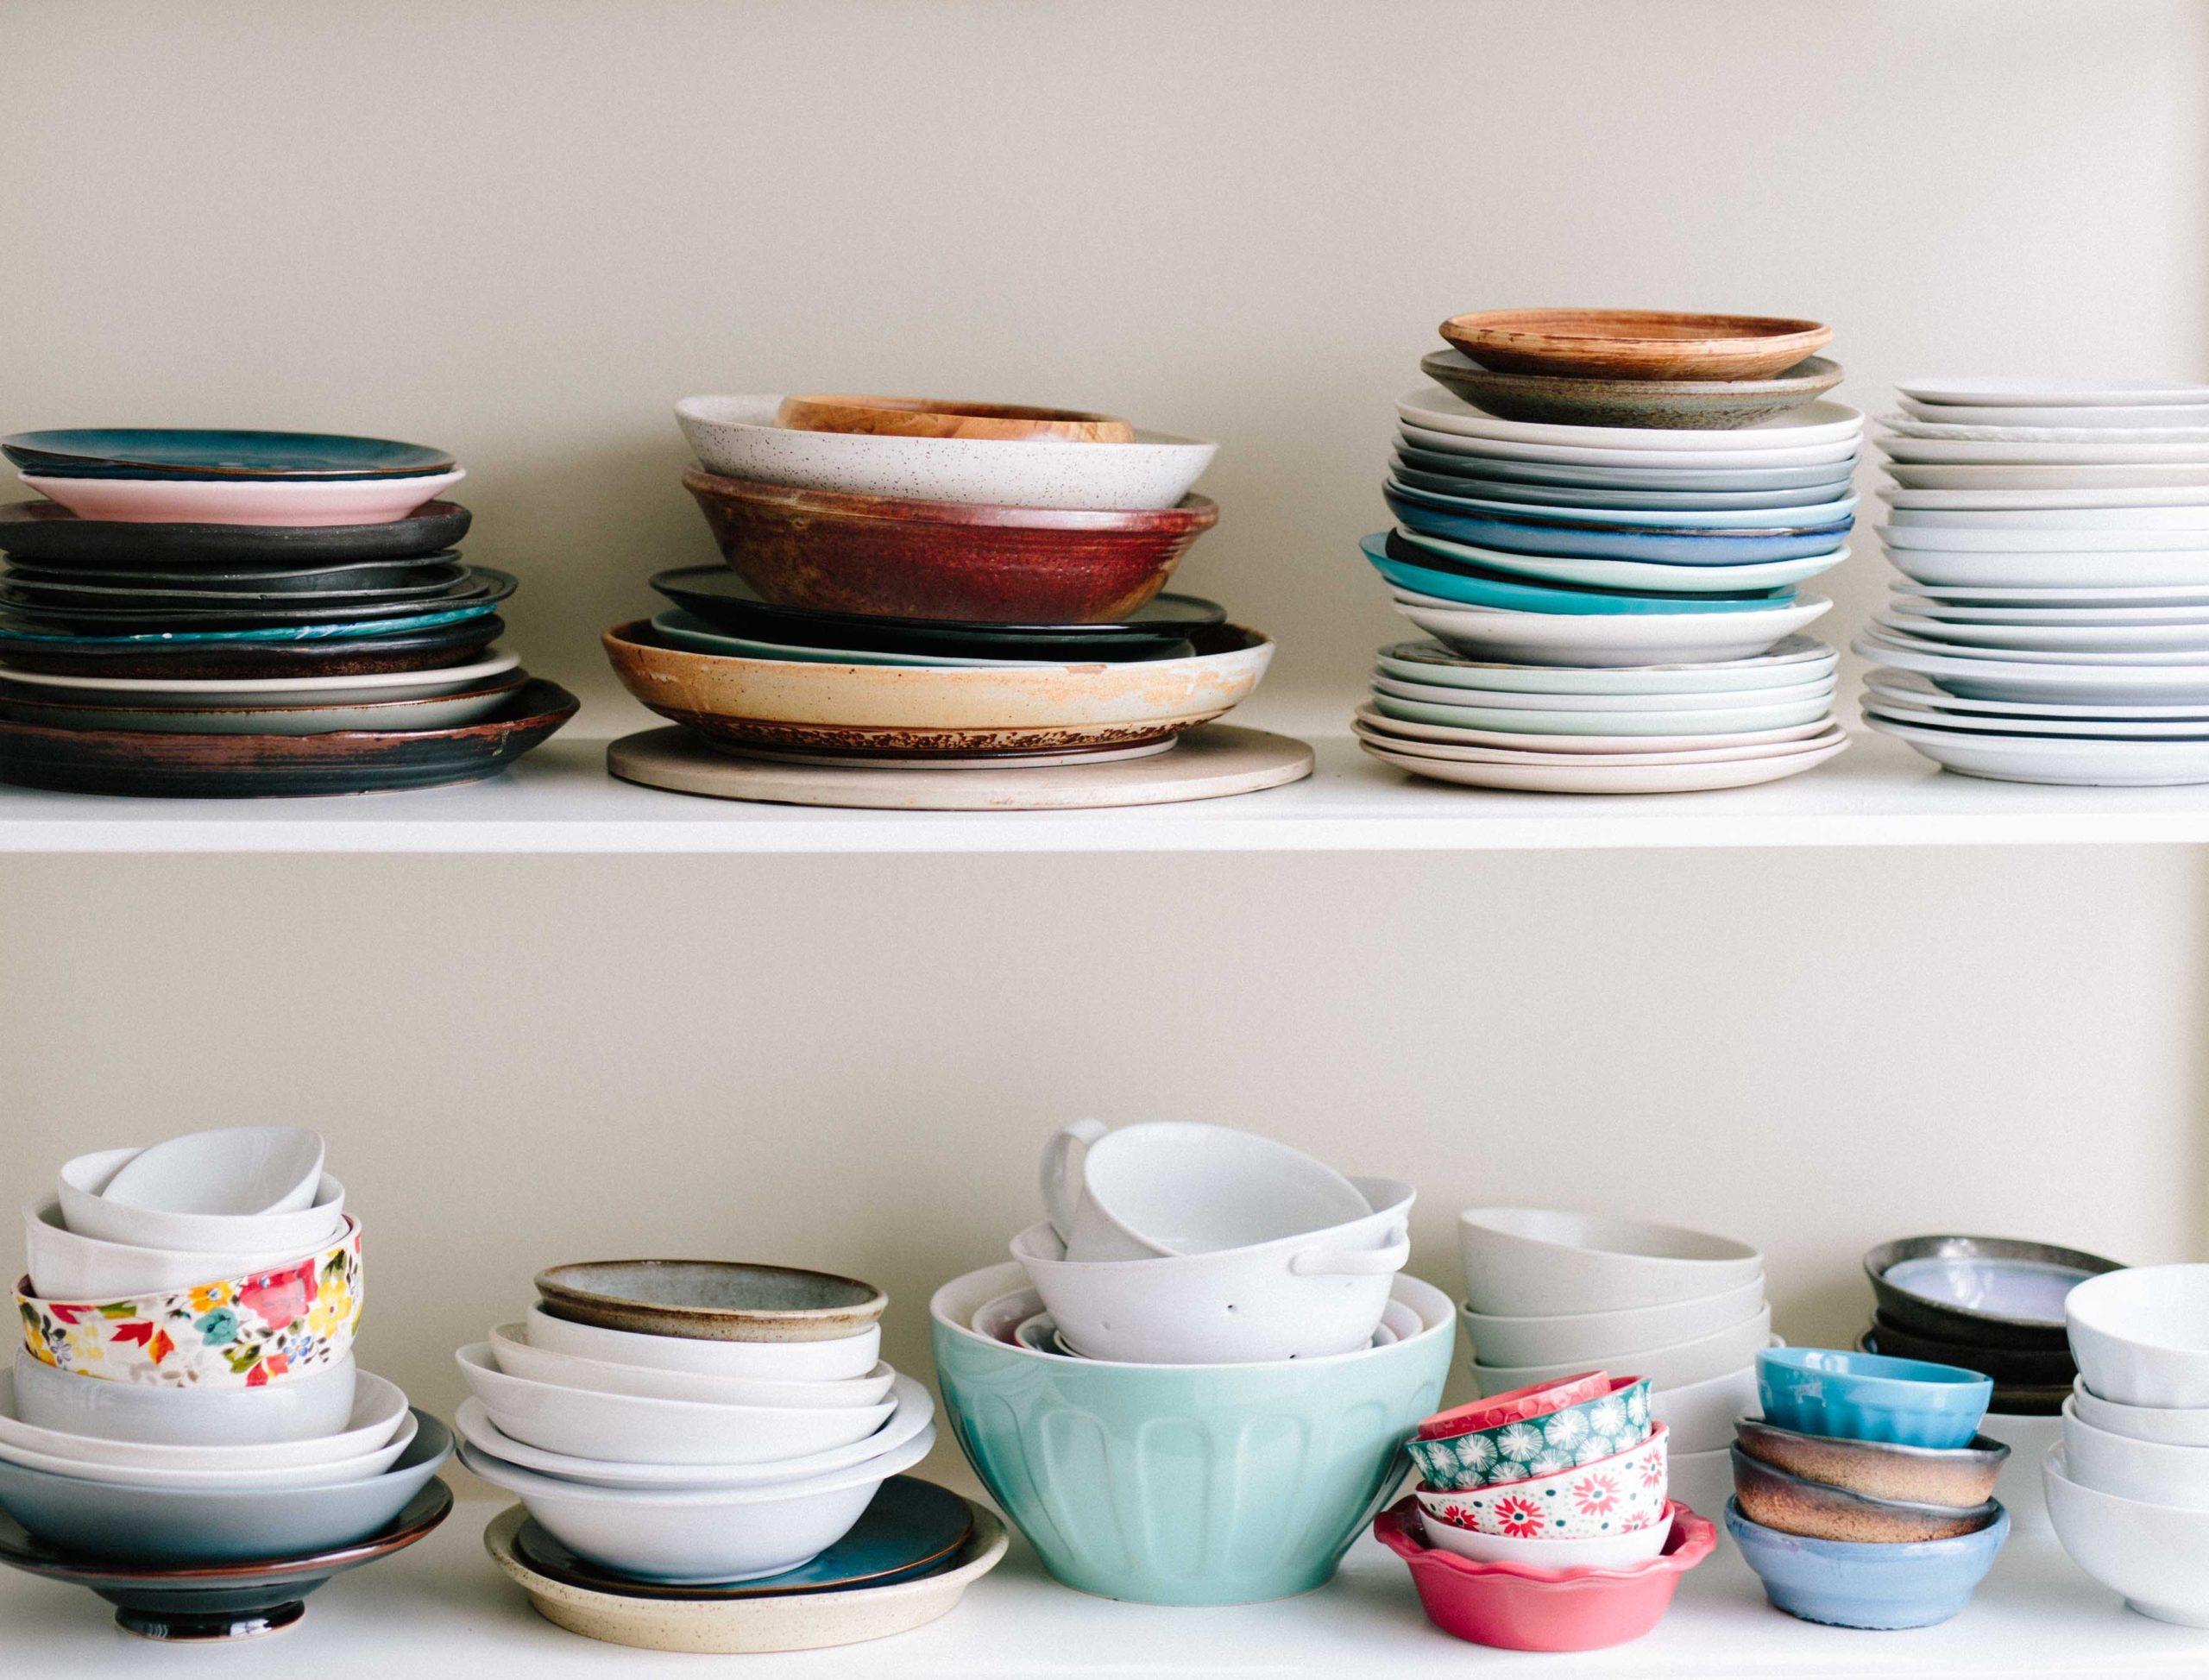 【我が家のお皿紹介】妻のお気に入りのお皿をあらためて調べてみた